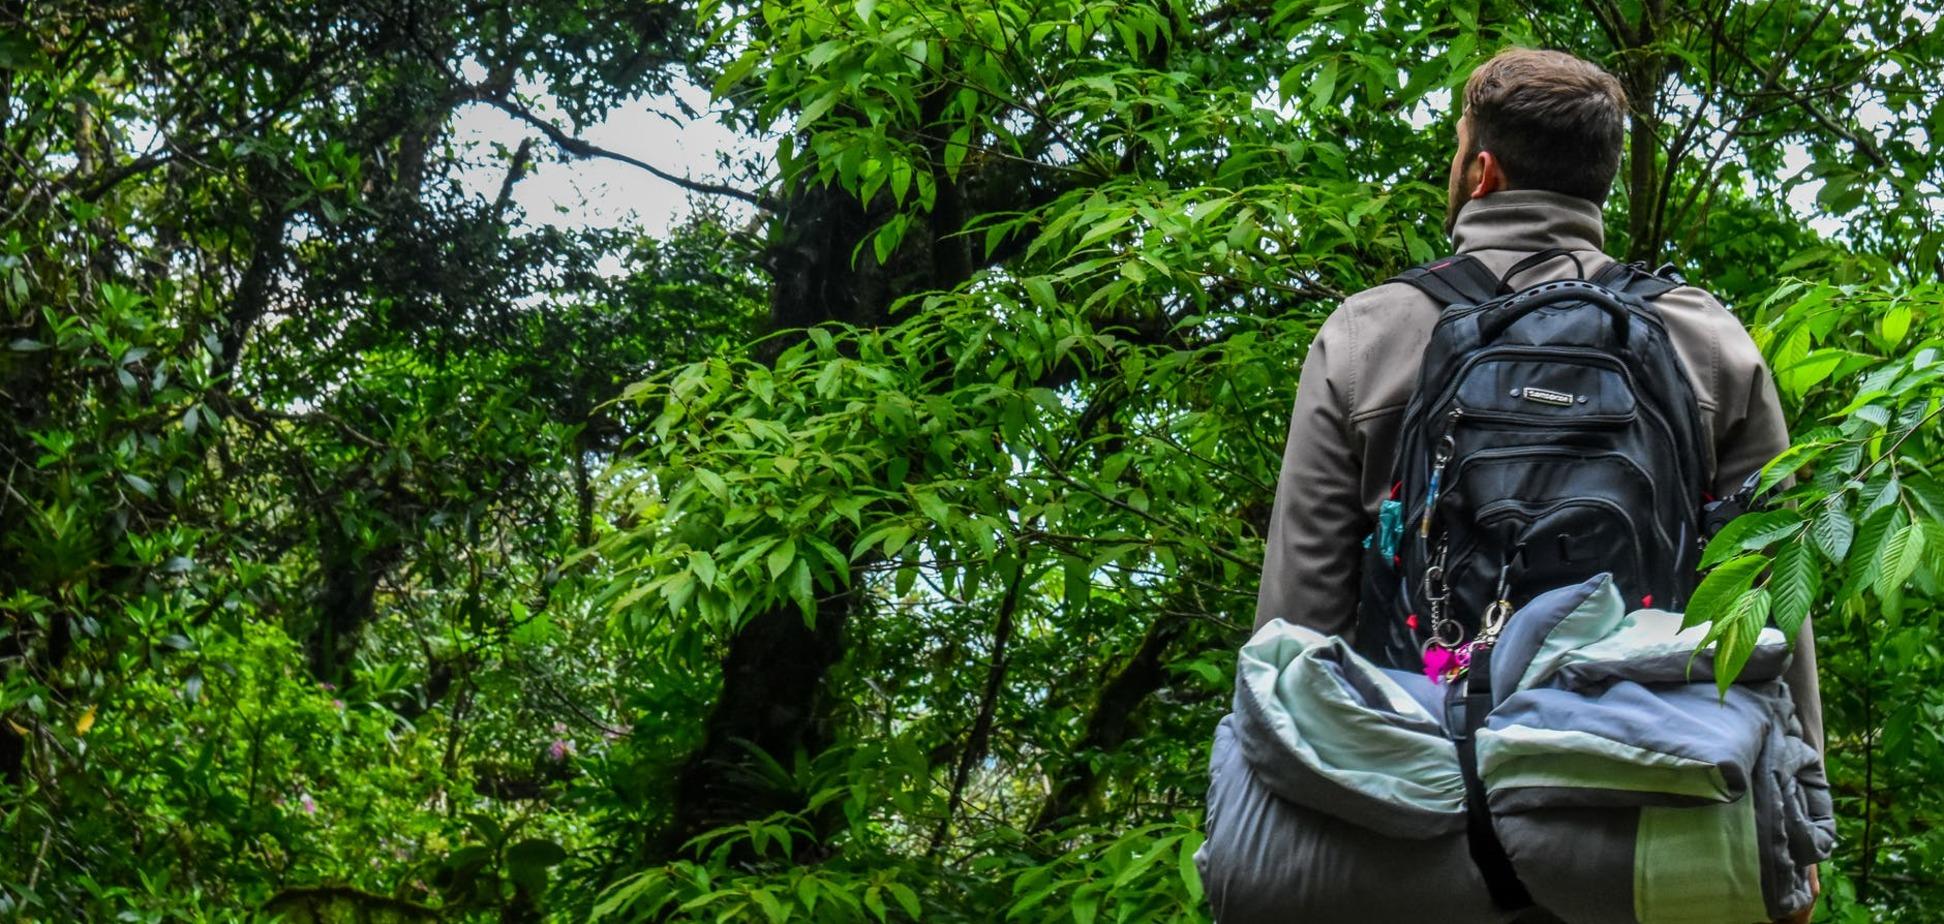 Выходные в палатке: топ-5 лучших мест для отдыха недалеко от Киева